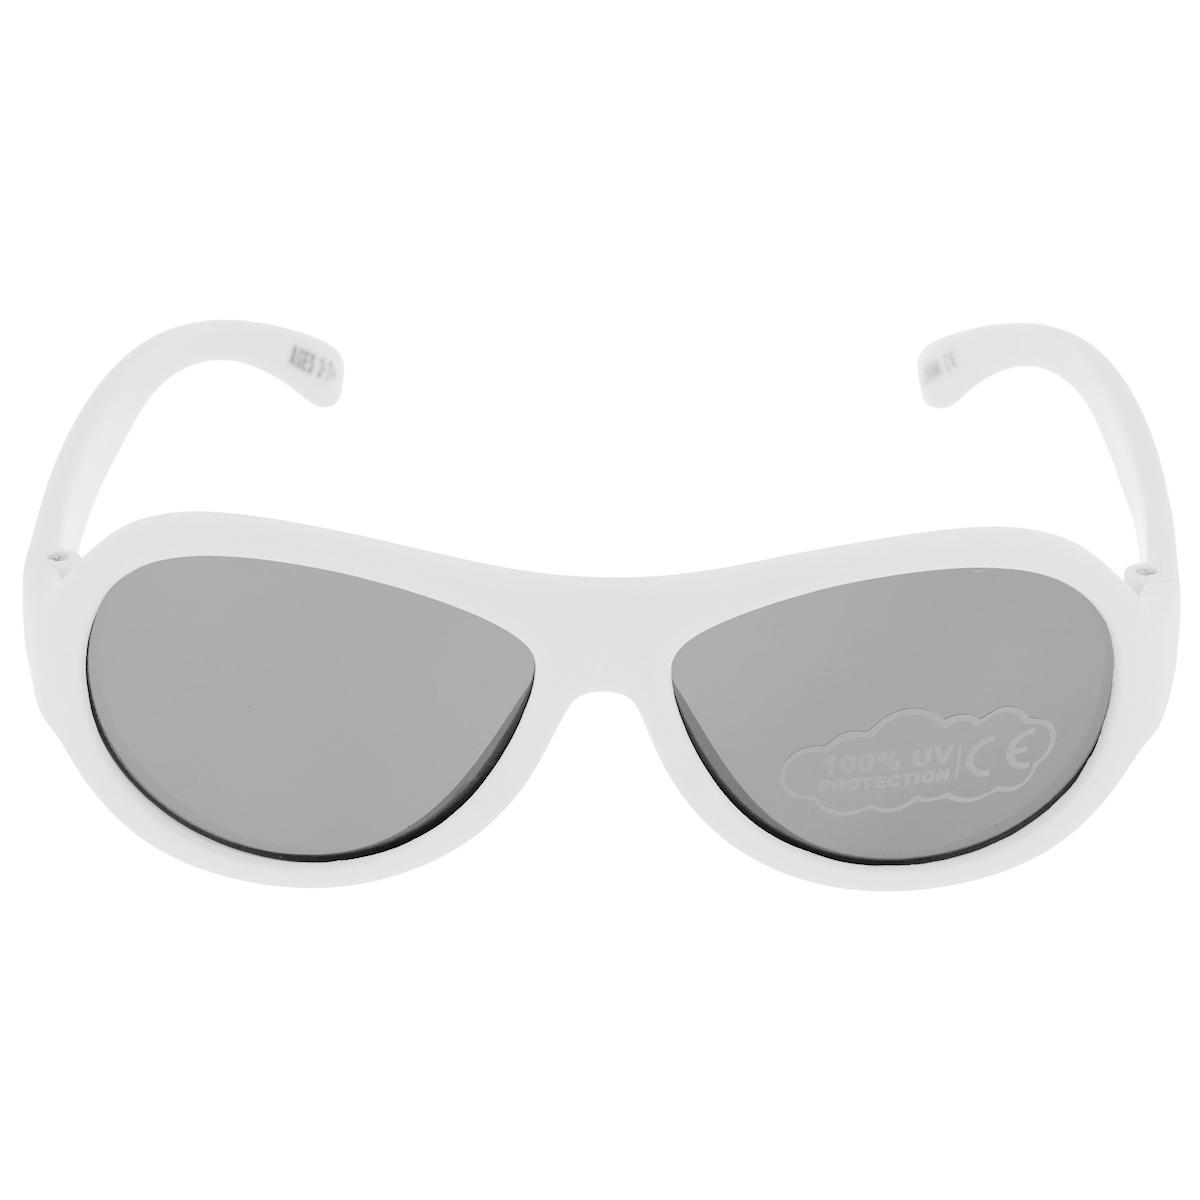 Детские солнцезащитные очки Babiators Шалун (Wicked), цвет: белый, 3-7 летT-8V-KMВы делаете все возможное, чтобы ваши дети были здоровы и в безопасности. Шлемы для езды на велосипеде, солнцезащитный крем для прогулок на солнце... Но как насчёт влияния солнца на глаза вашего ребёнка? Правда в том, что сетчатка глаза у детей развивается вместе с самим ребёнком. Это означает, что глаза малышей не могут отфильтровать УФ-излучение. Проблема понятна - детям нужна настоящая защита, чтобы глазки были в безопасности, а зрение сильным.Каждая пара солнцезащитных очков Babiators для детей обеспечивает 100% защиту от UVA и UVB. Прочные линзы высшего качества не подведут в самых сложных переделках. В отличие от обычных пластиковых очков, оправа Babiators выполнена из гибкого прорезиненного материала, что делает их ударопрочными, их можно сгибать и крутить - они не сломаются и вернутся в прежнюю форму. Не бойтесь, что ребёнок сядет на них - они всё выдержат. Будьте уверены, что очки Babiators созданы безопасными, прочными и классными, так что вы и ваш ребенок можете приступать к своим приключениям!